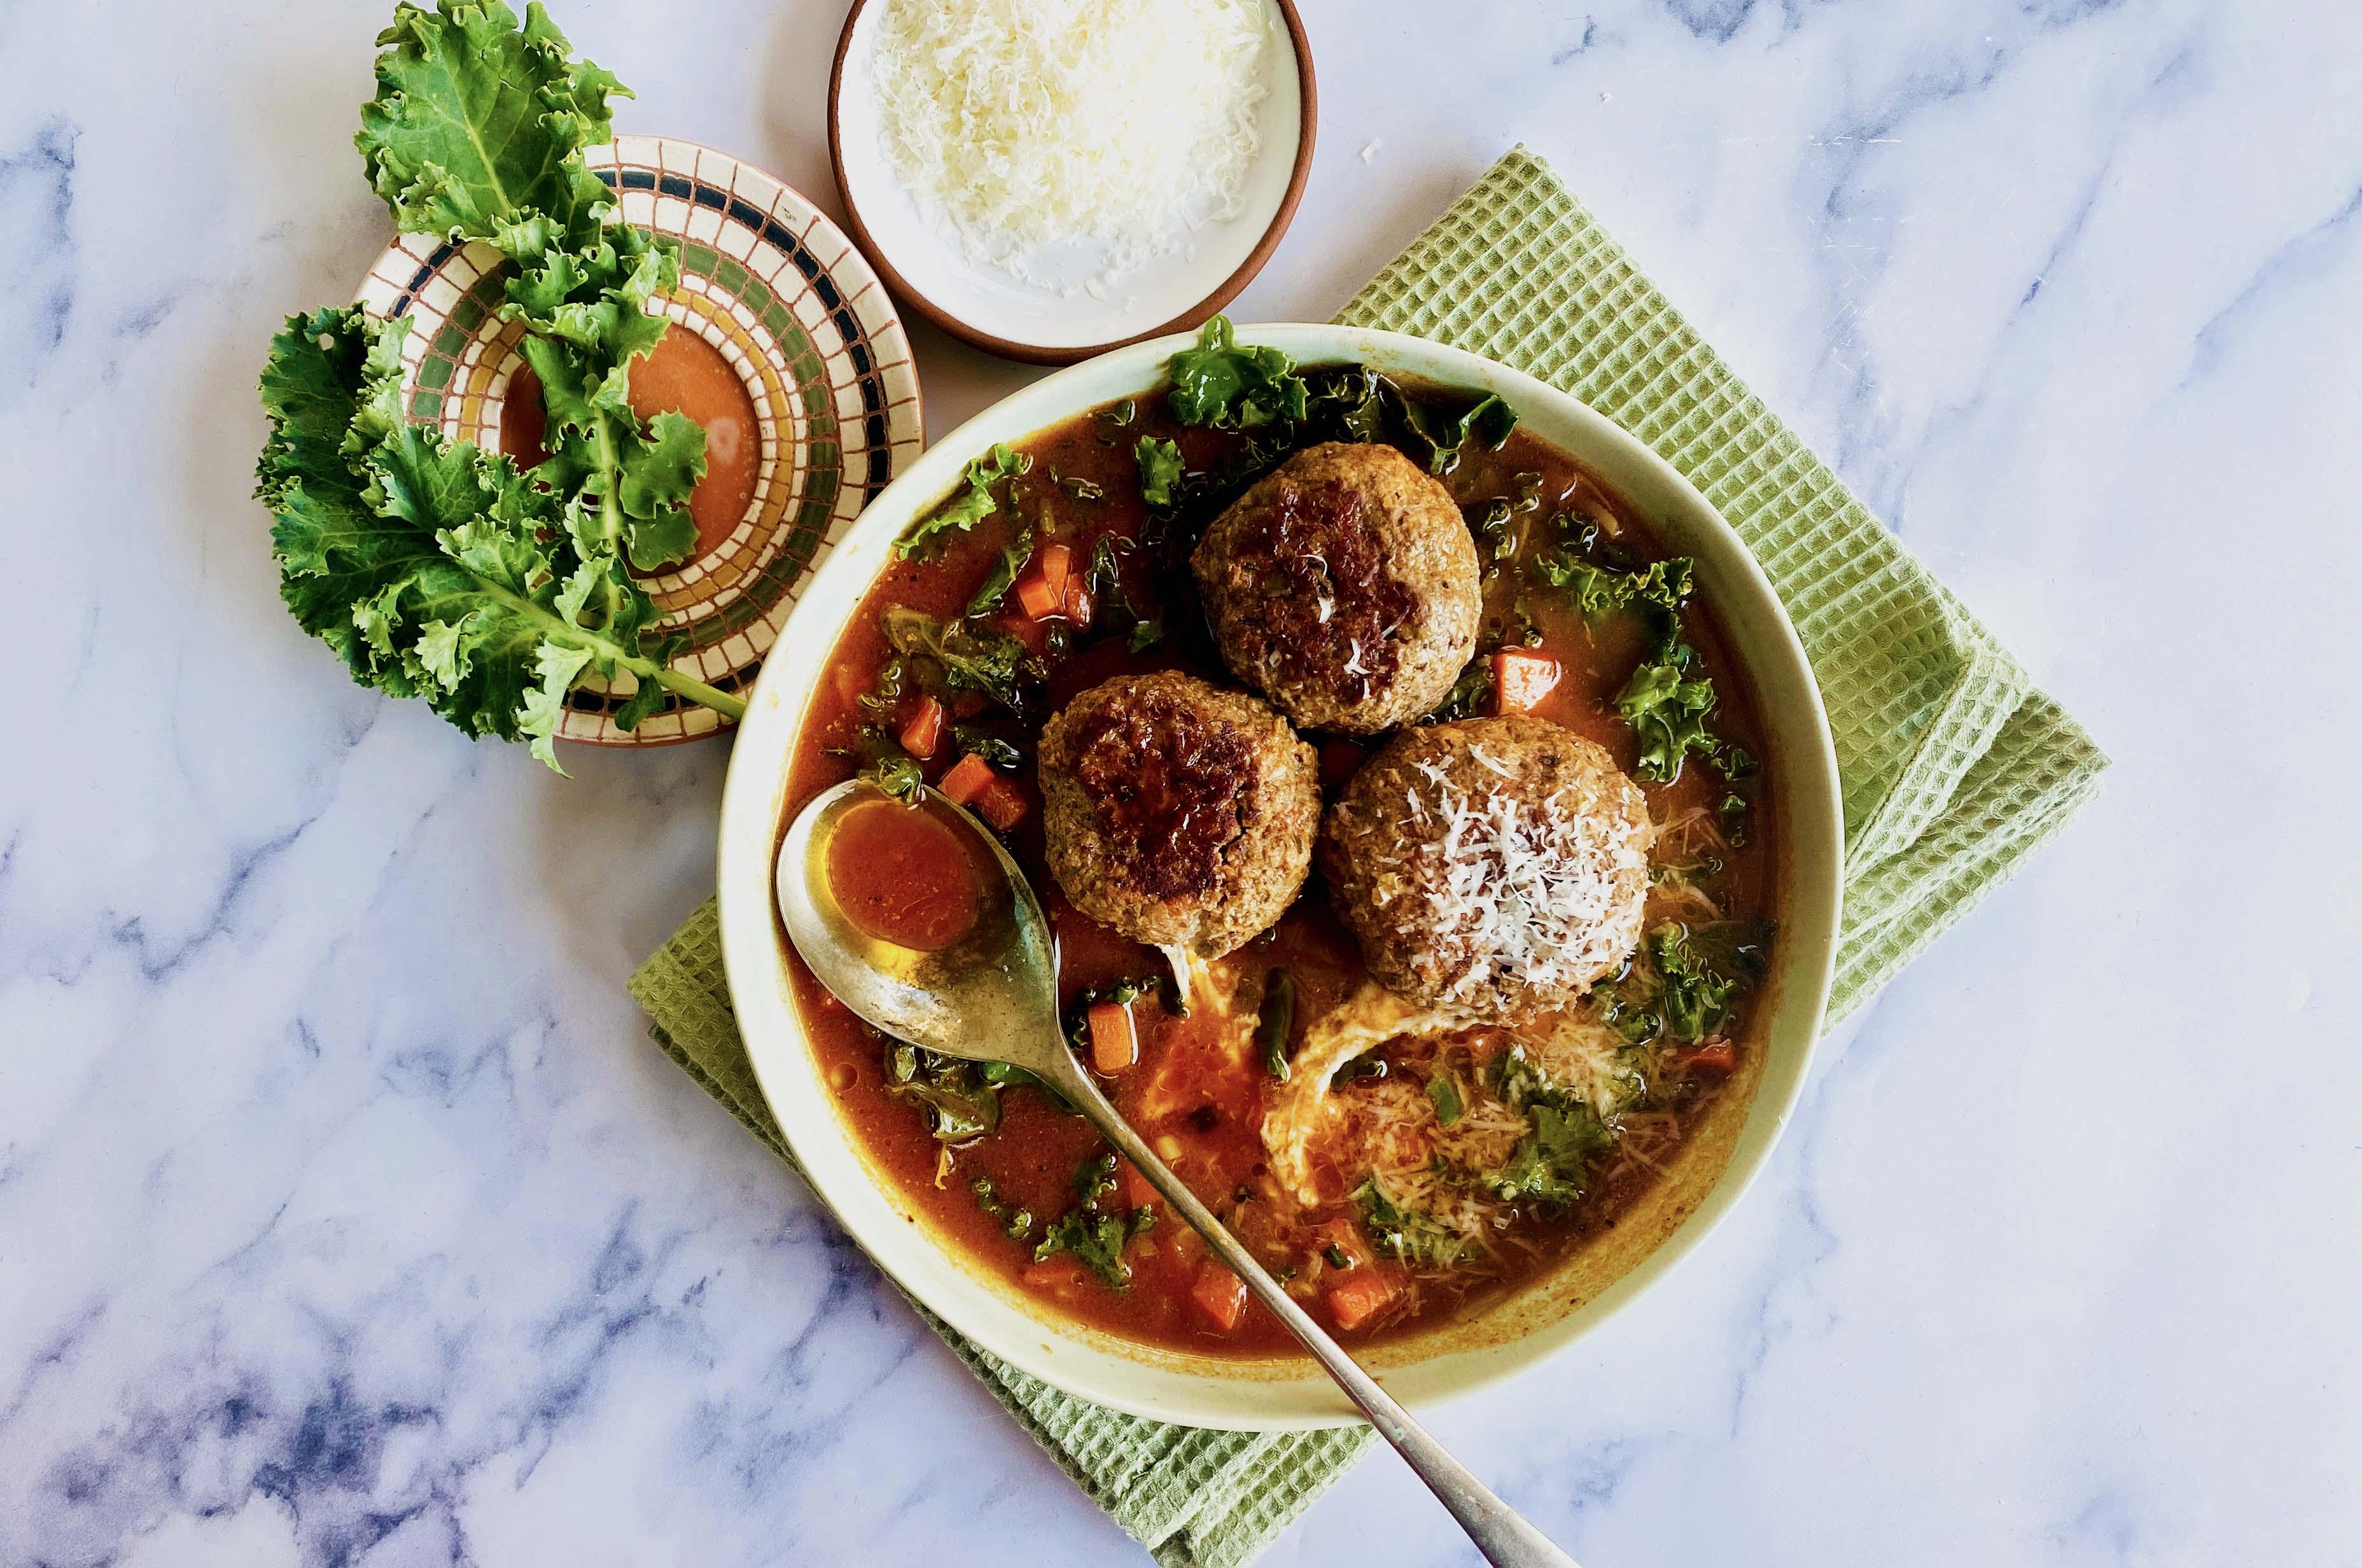 Mozzarella-Stuffed Meatballs in Tomato Broth with Kale